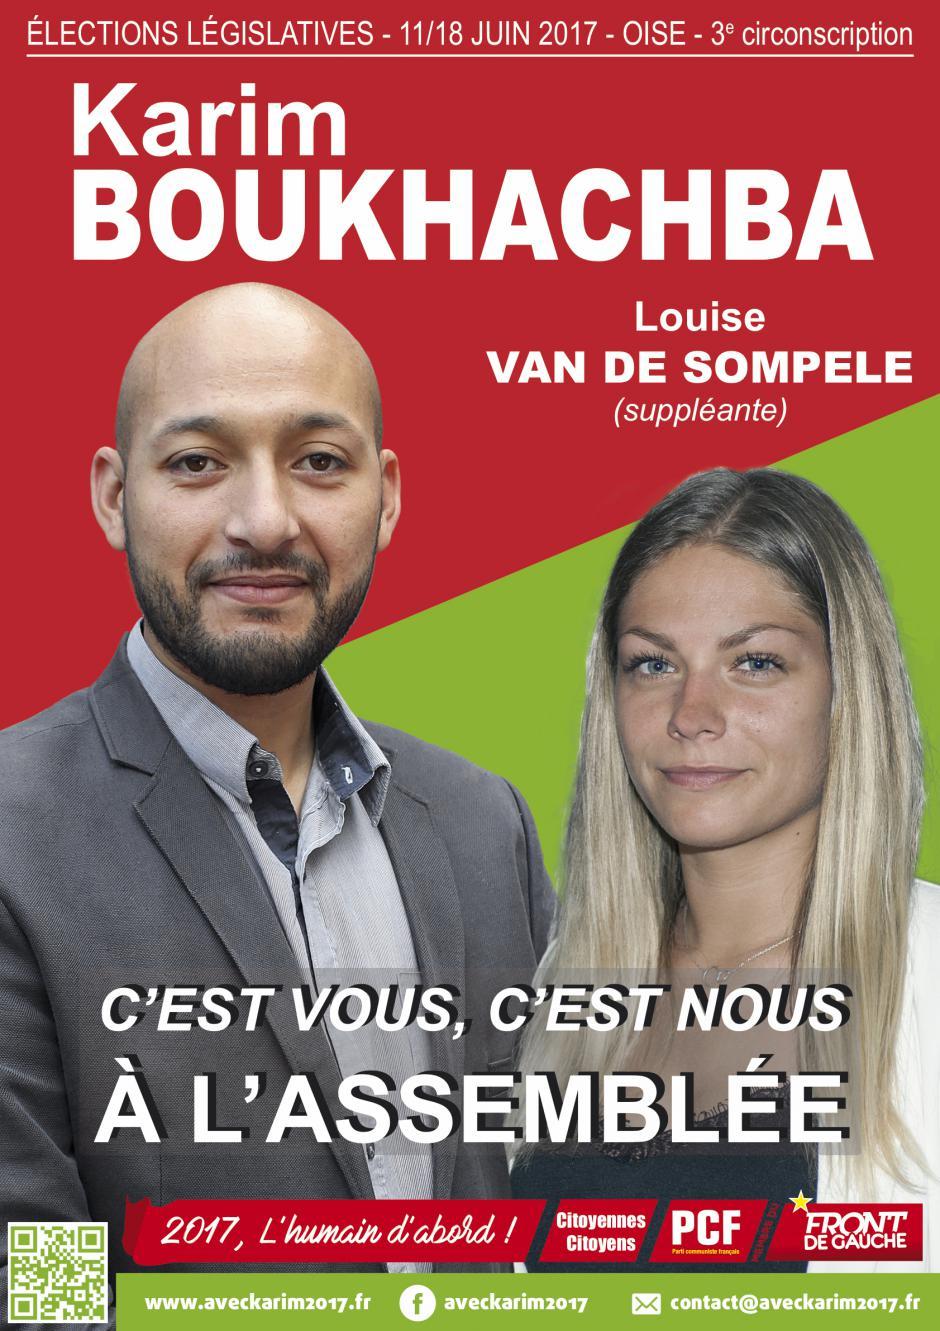 Législatives 2017 - 3e circonscription - Creil-Méru